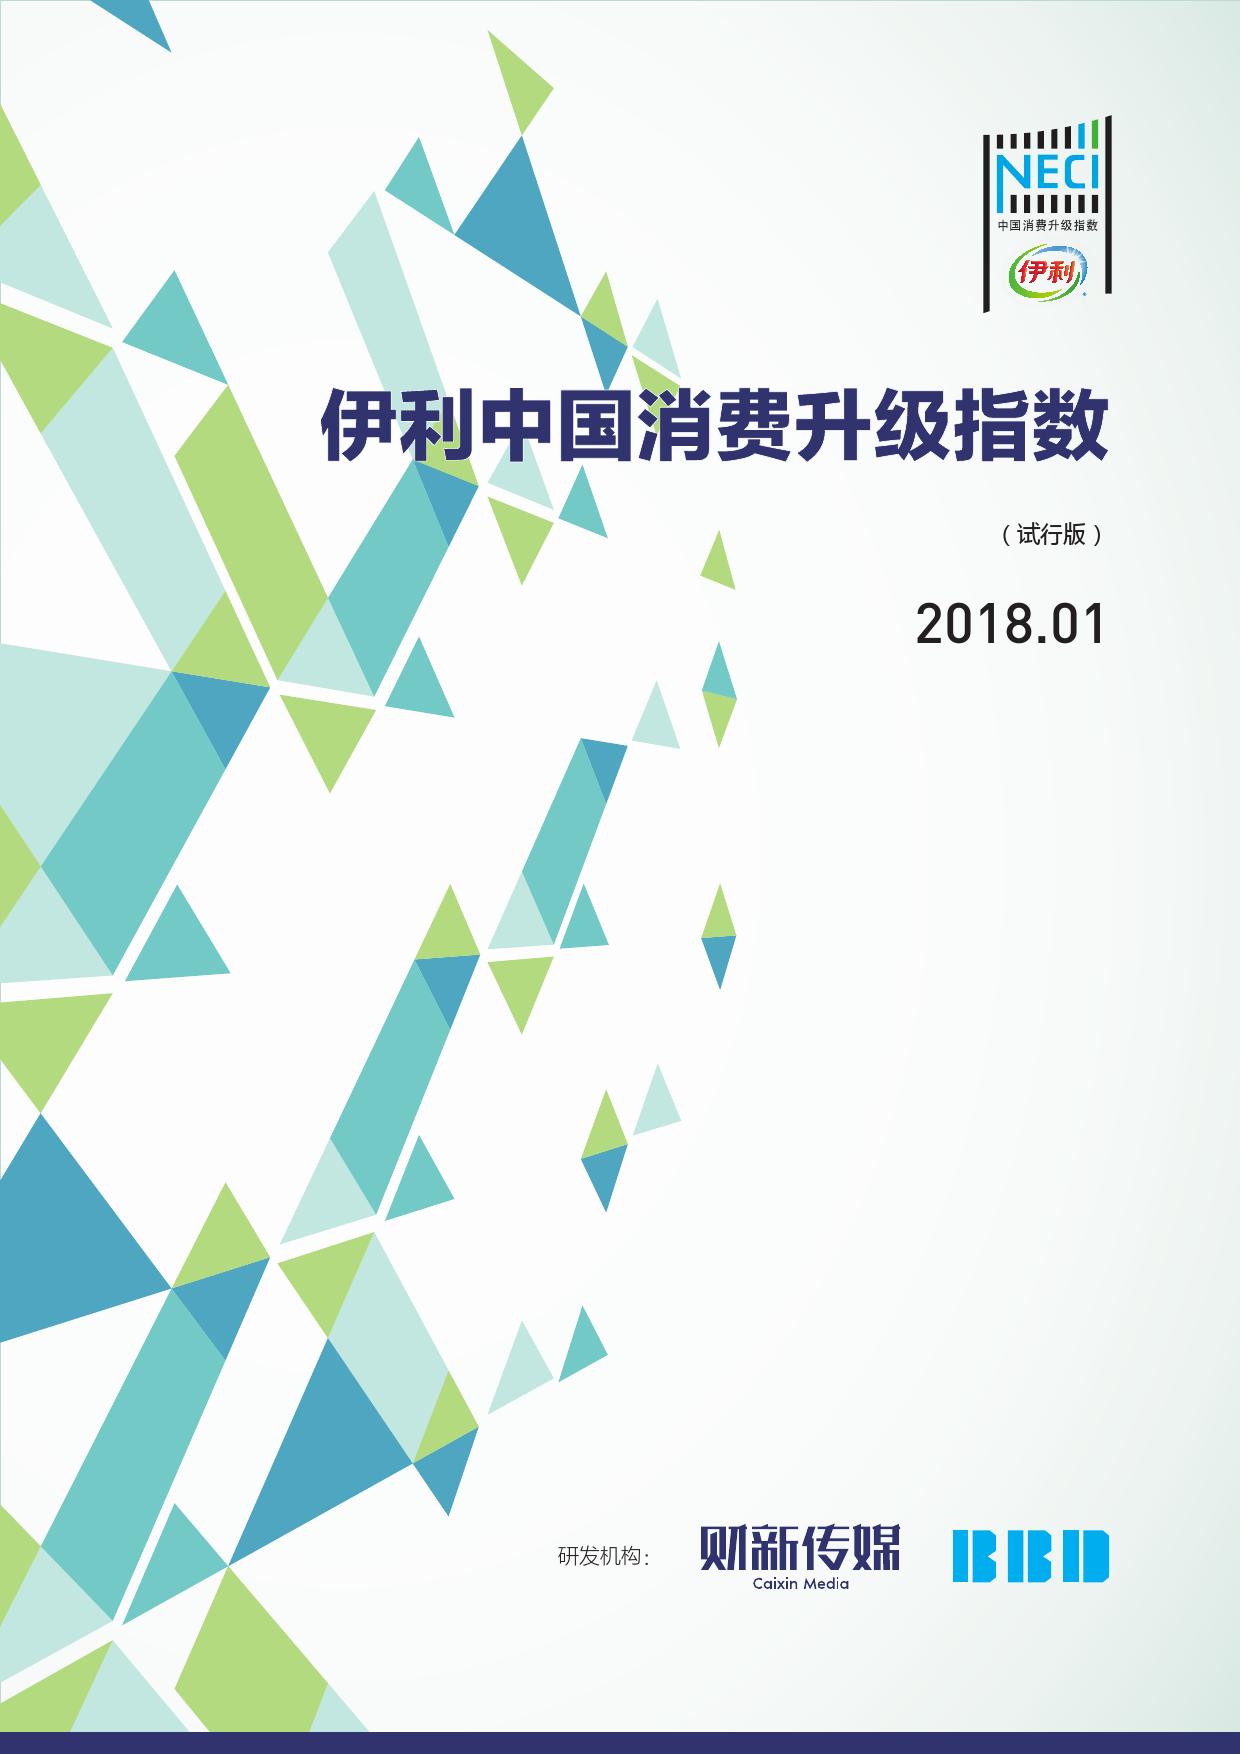 财新传媒&数联铭品:2018年1月伊利中国消费升级指数报告